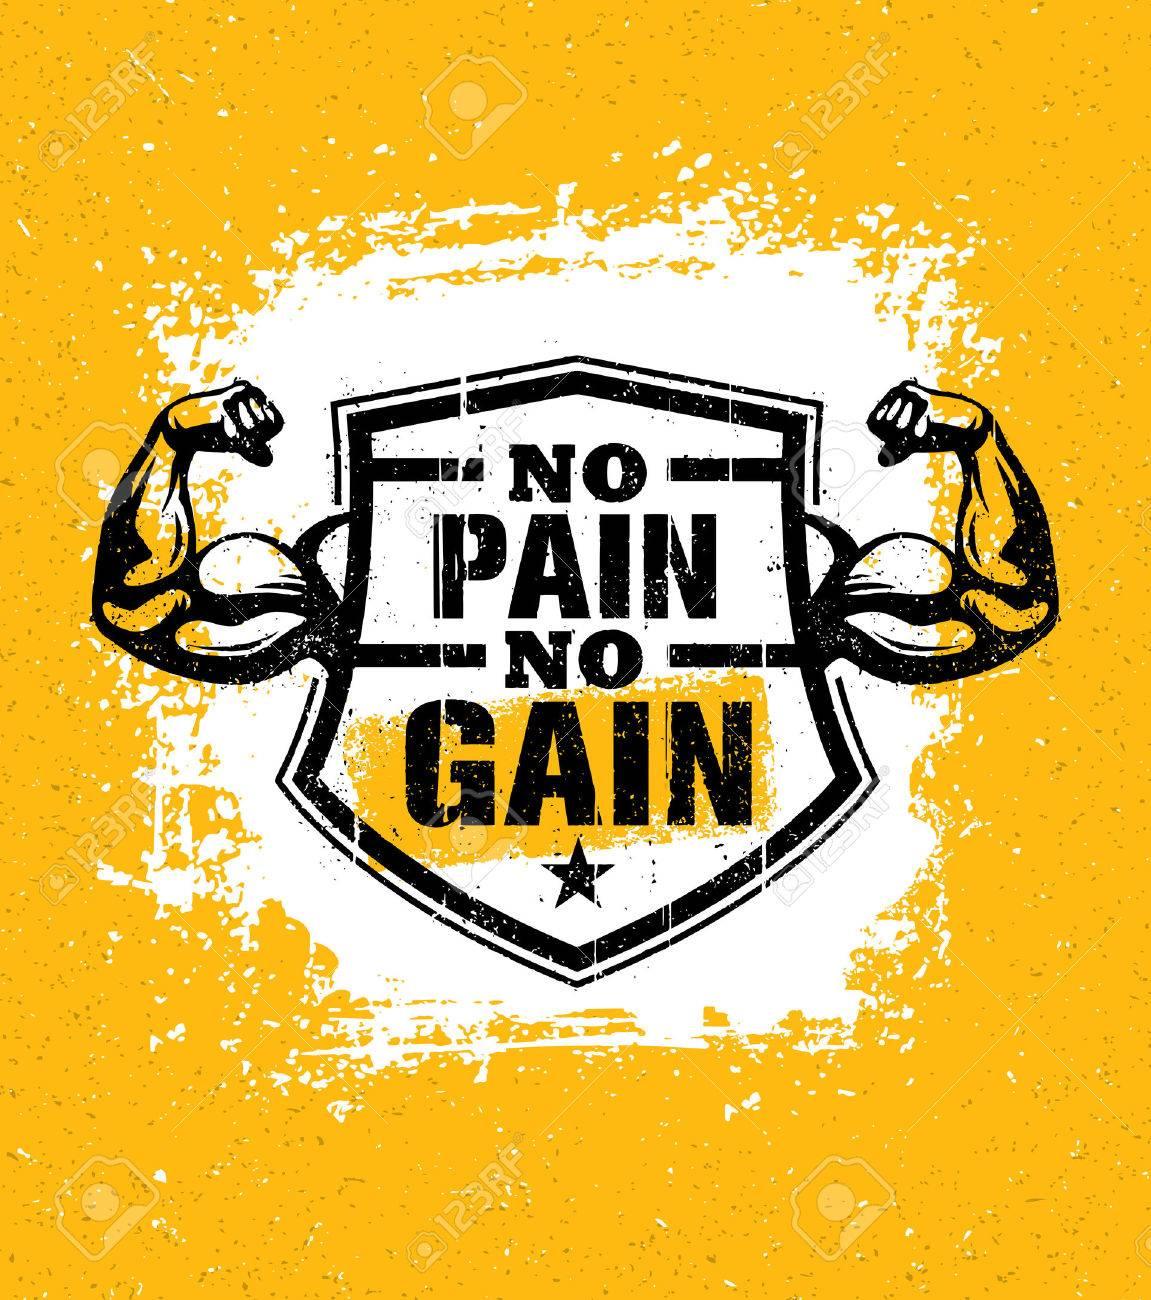 No Pain No Gain Gym Workout Motivation Quote Vector Concept